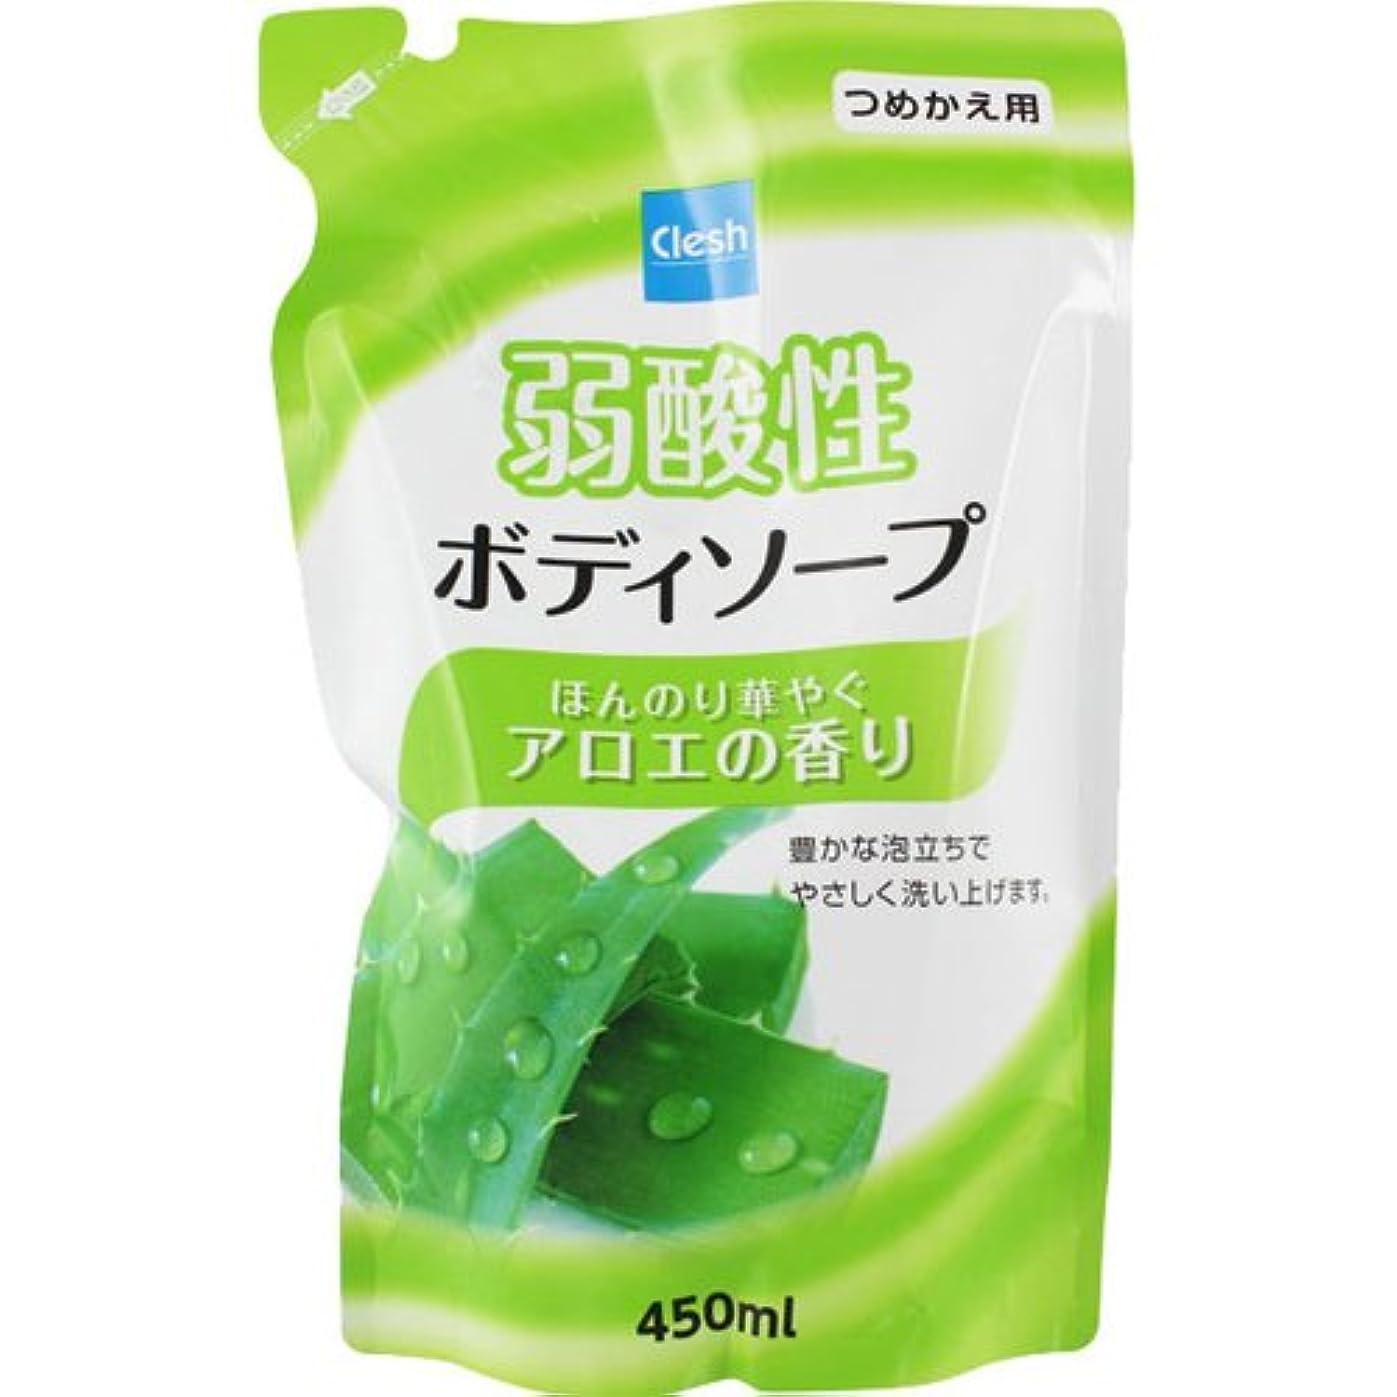 ビジュアル忌避剤ネーピアClesh(クレシュ) 弱酸性ボディソープ アロエの香り つめかえ用 450ml